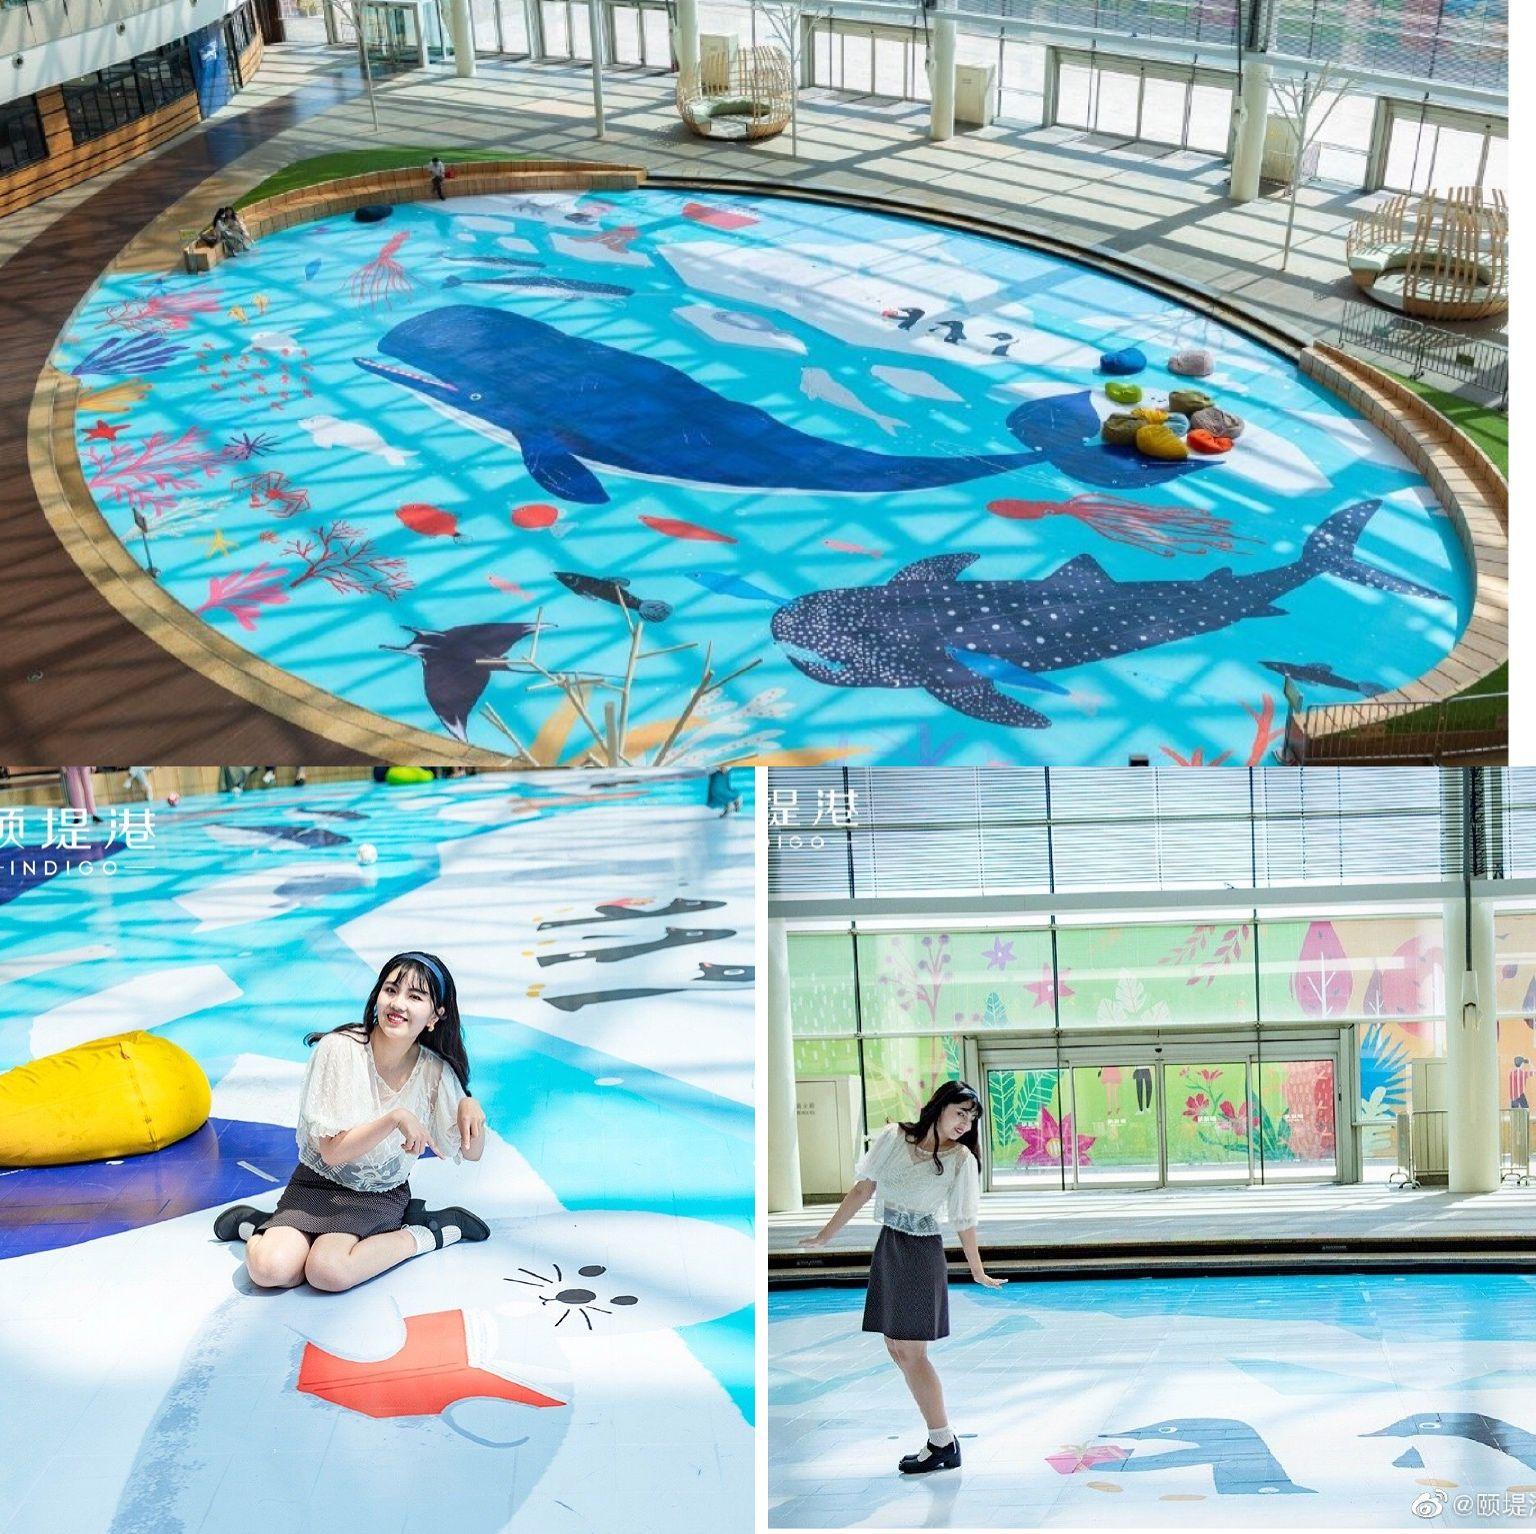 上新丨商场里的水族馆、摩天轮,带你度过一个治愈的夏天图片